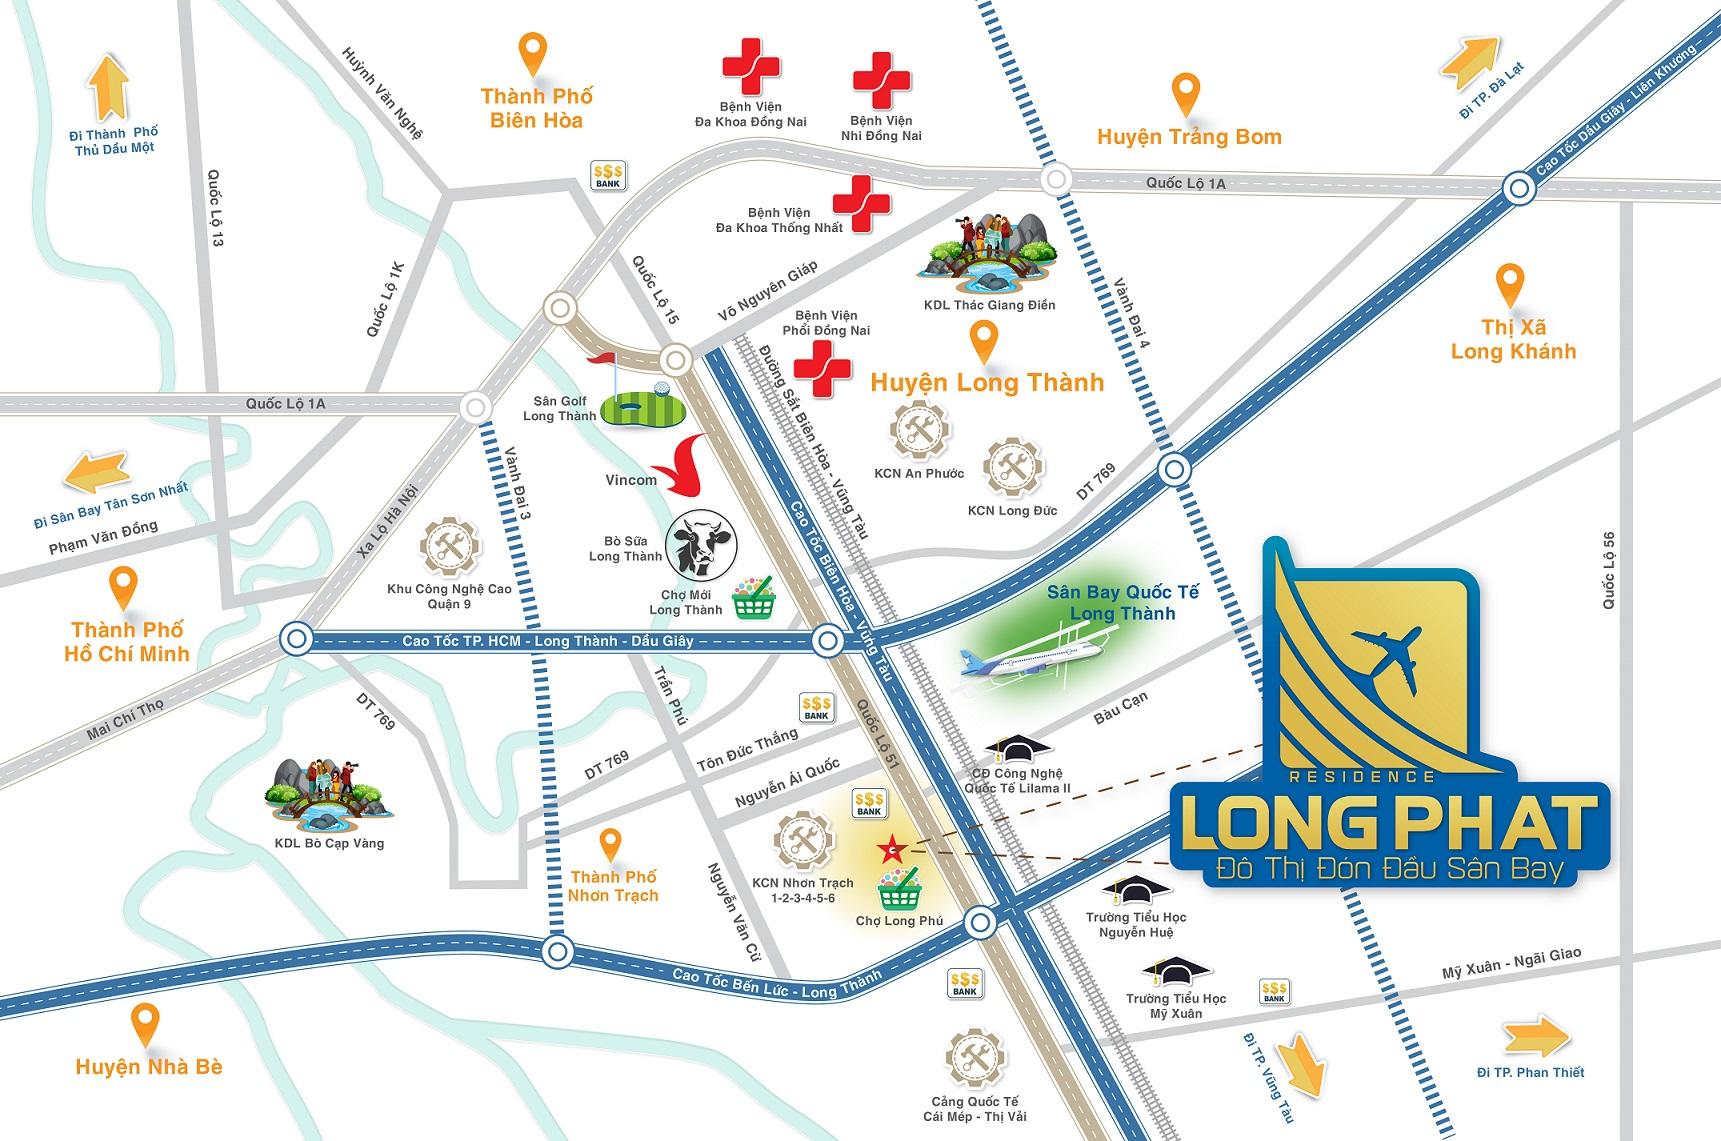 sơ đồ khu vực gần long phát residence long thành